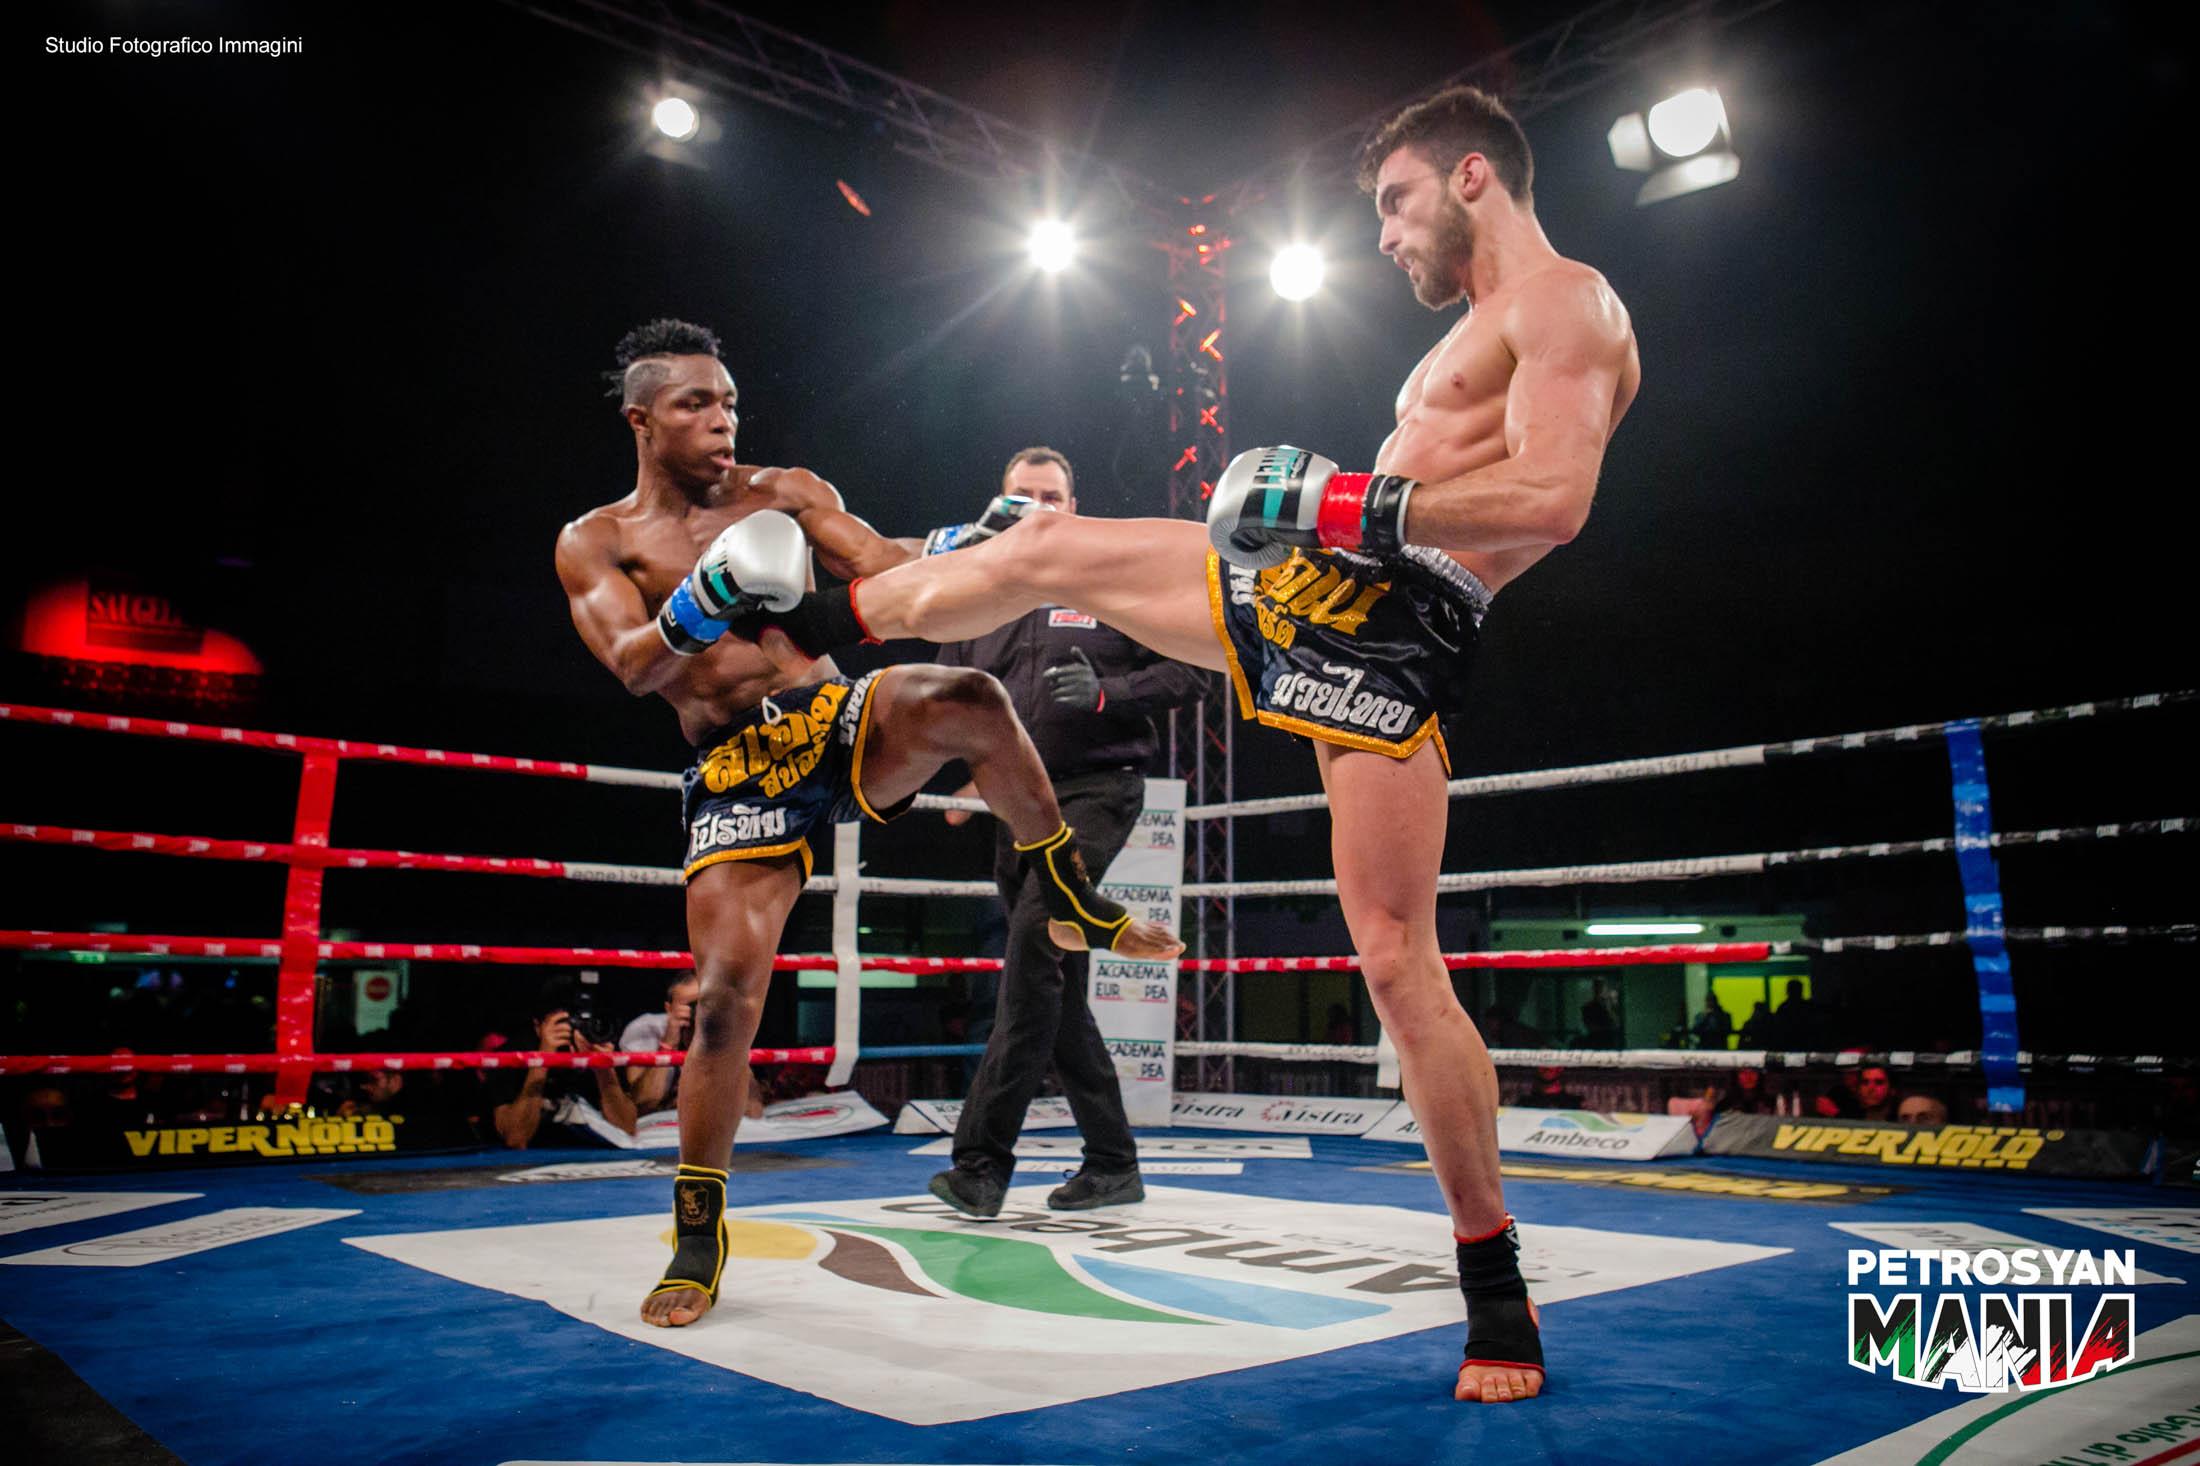 Jordan Valdinocci VS Alex Ajouatsa